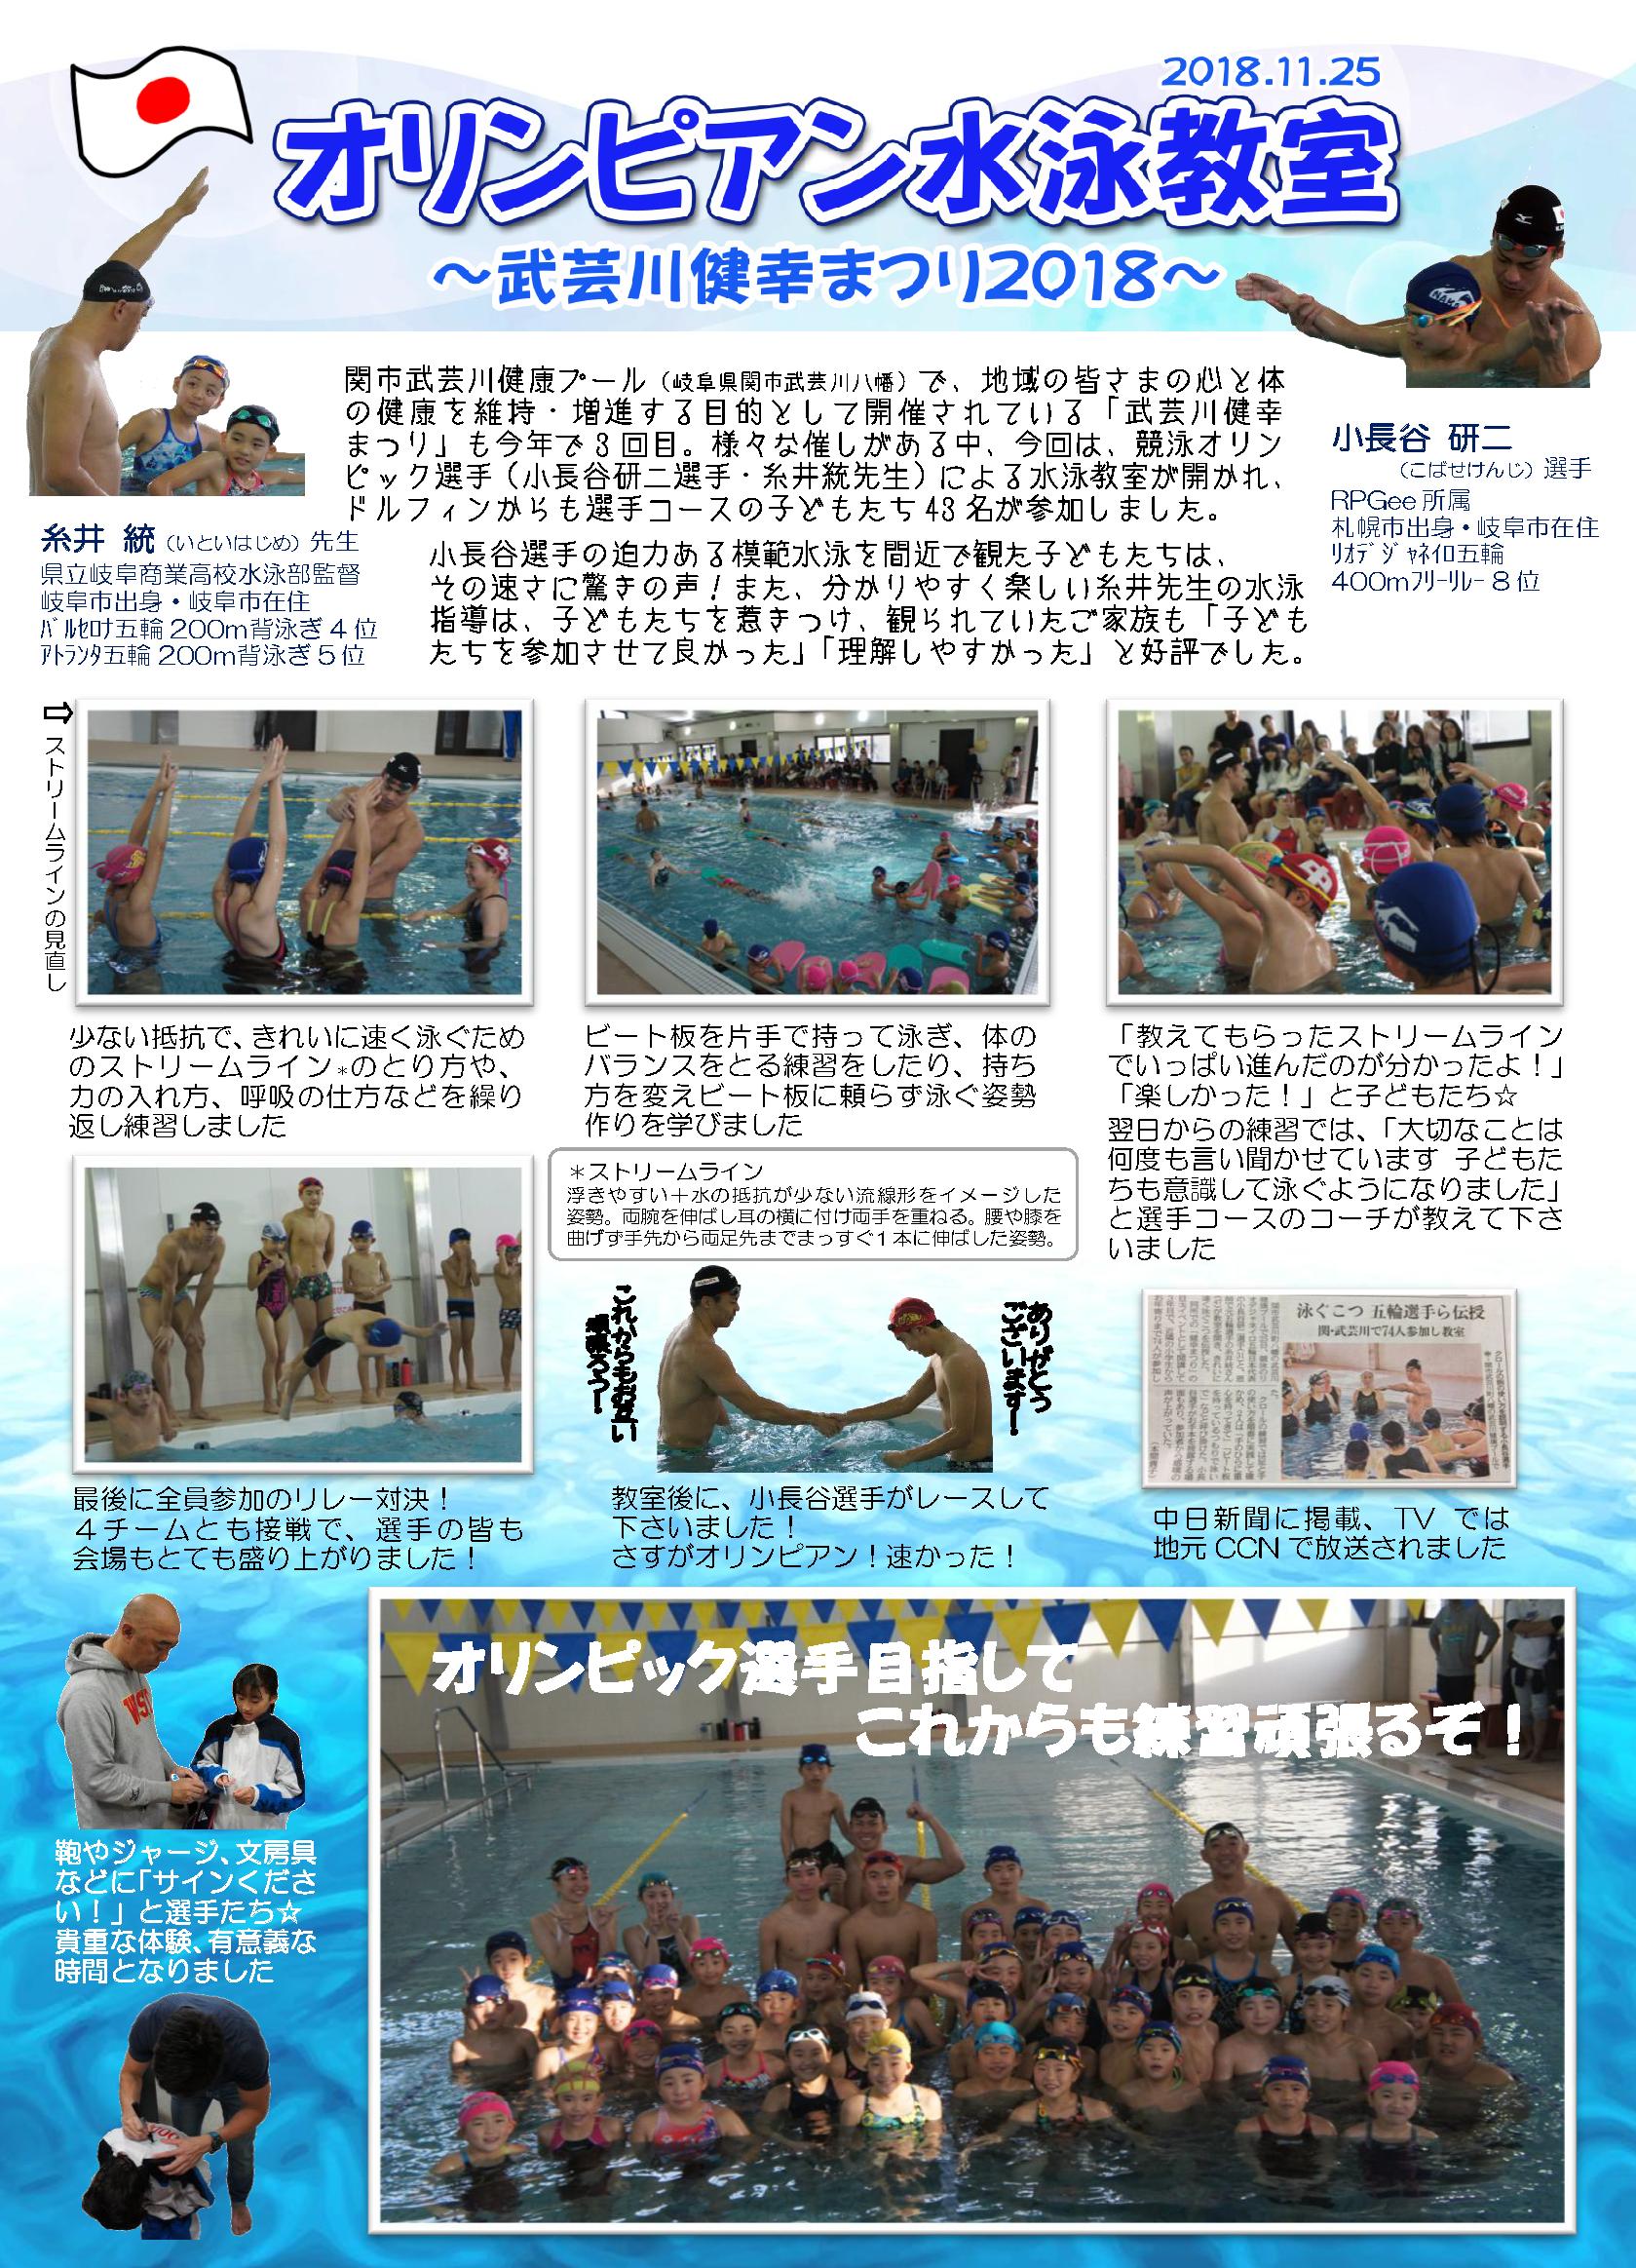 ドルフィン広報誌1月号校了_ページ_4